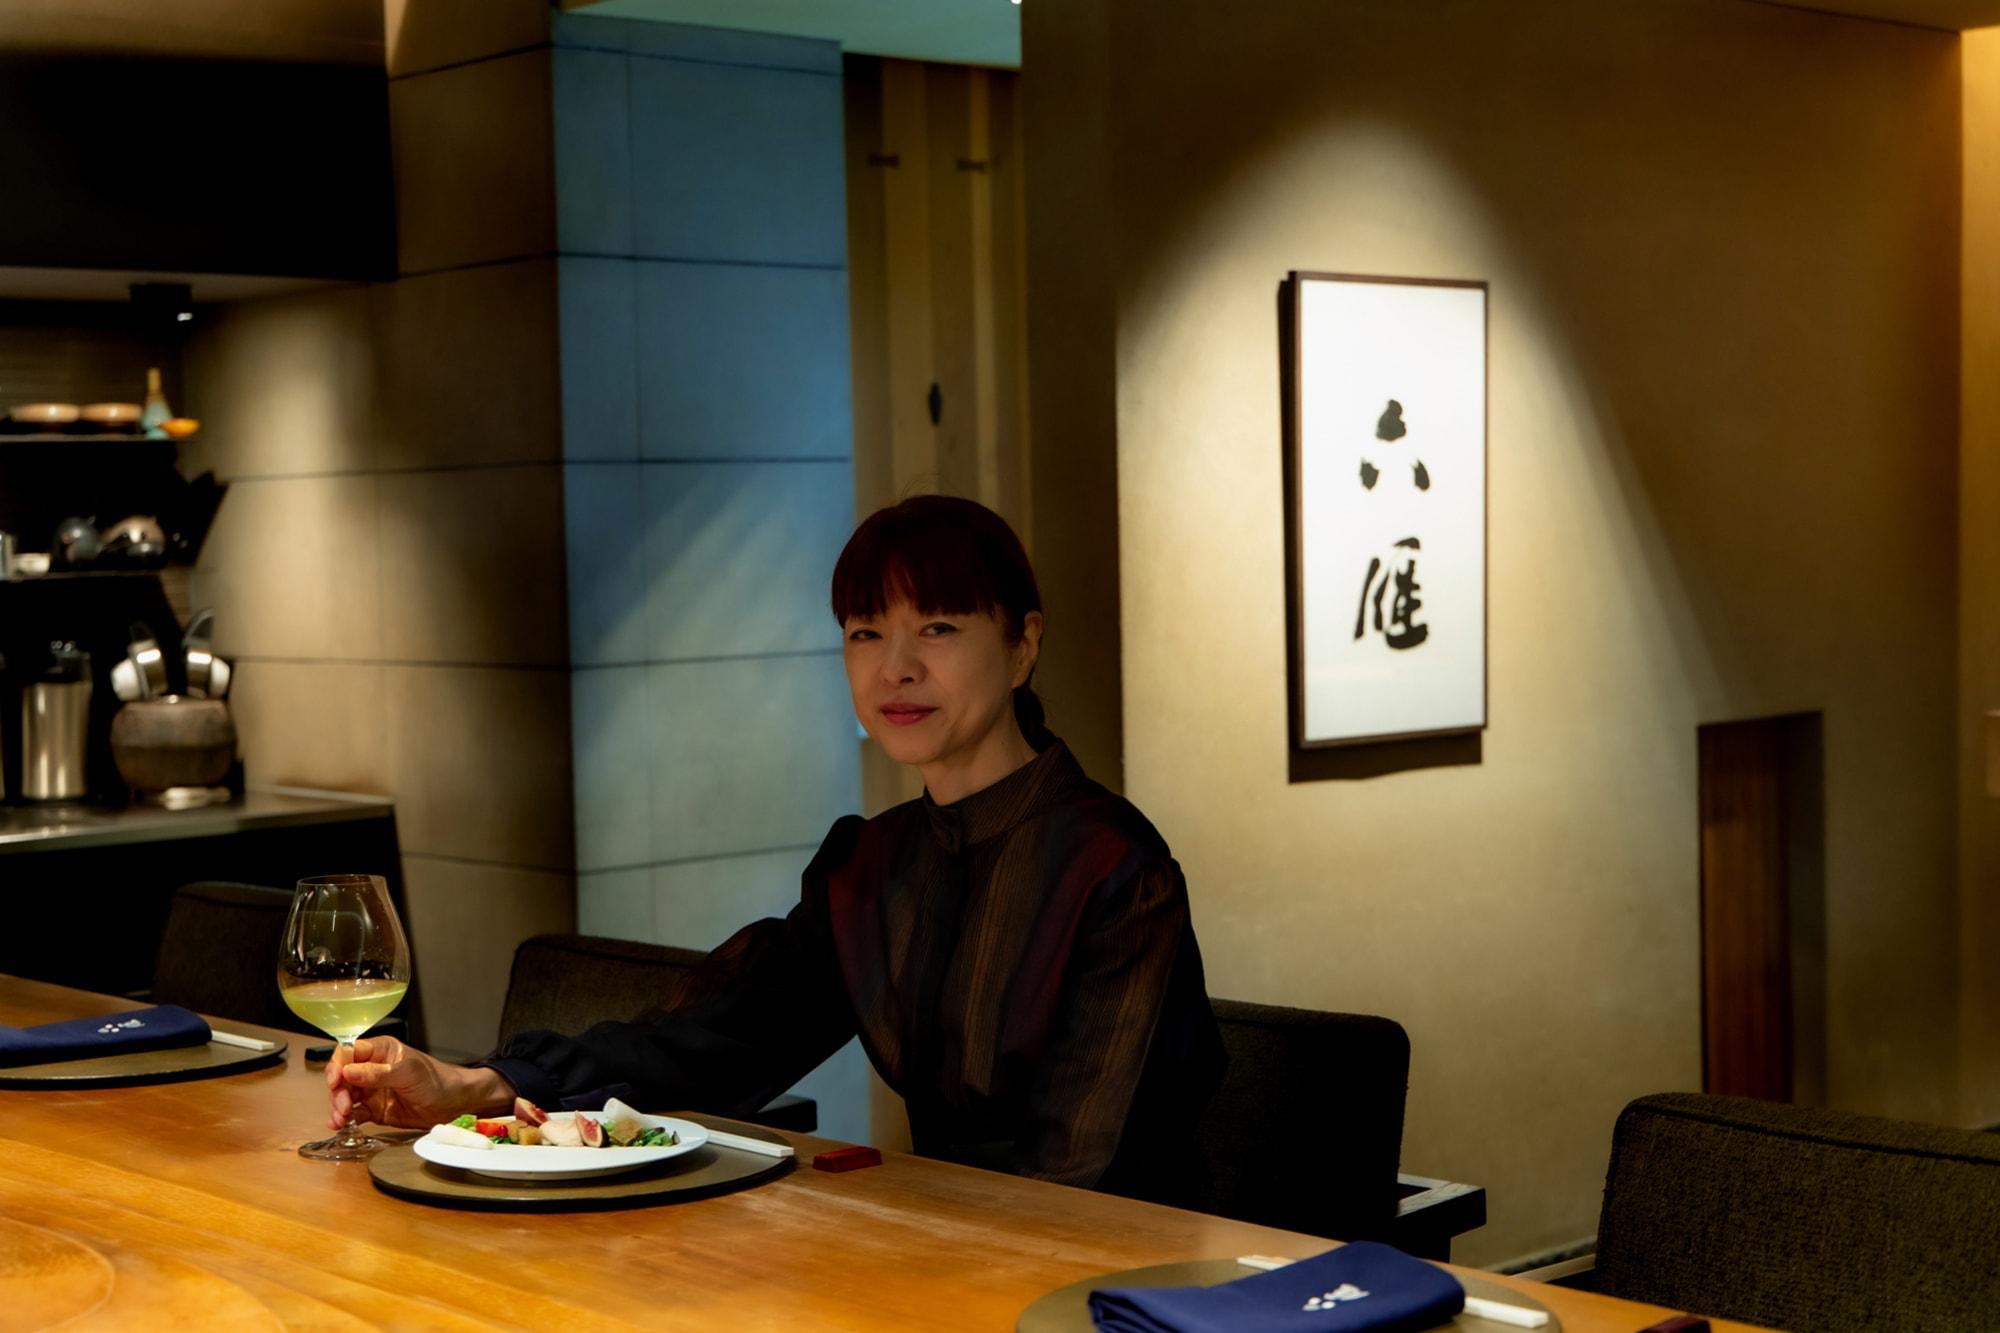 六雁(むつかり)のゆったりとしたカウンター席で。料理人と食べる人の心が出逢う、劇場のような空間が広がる。